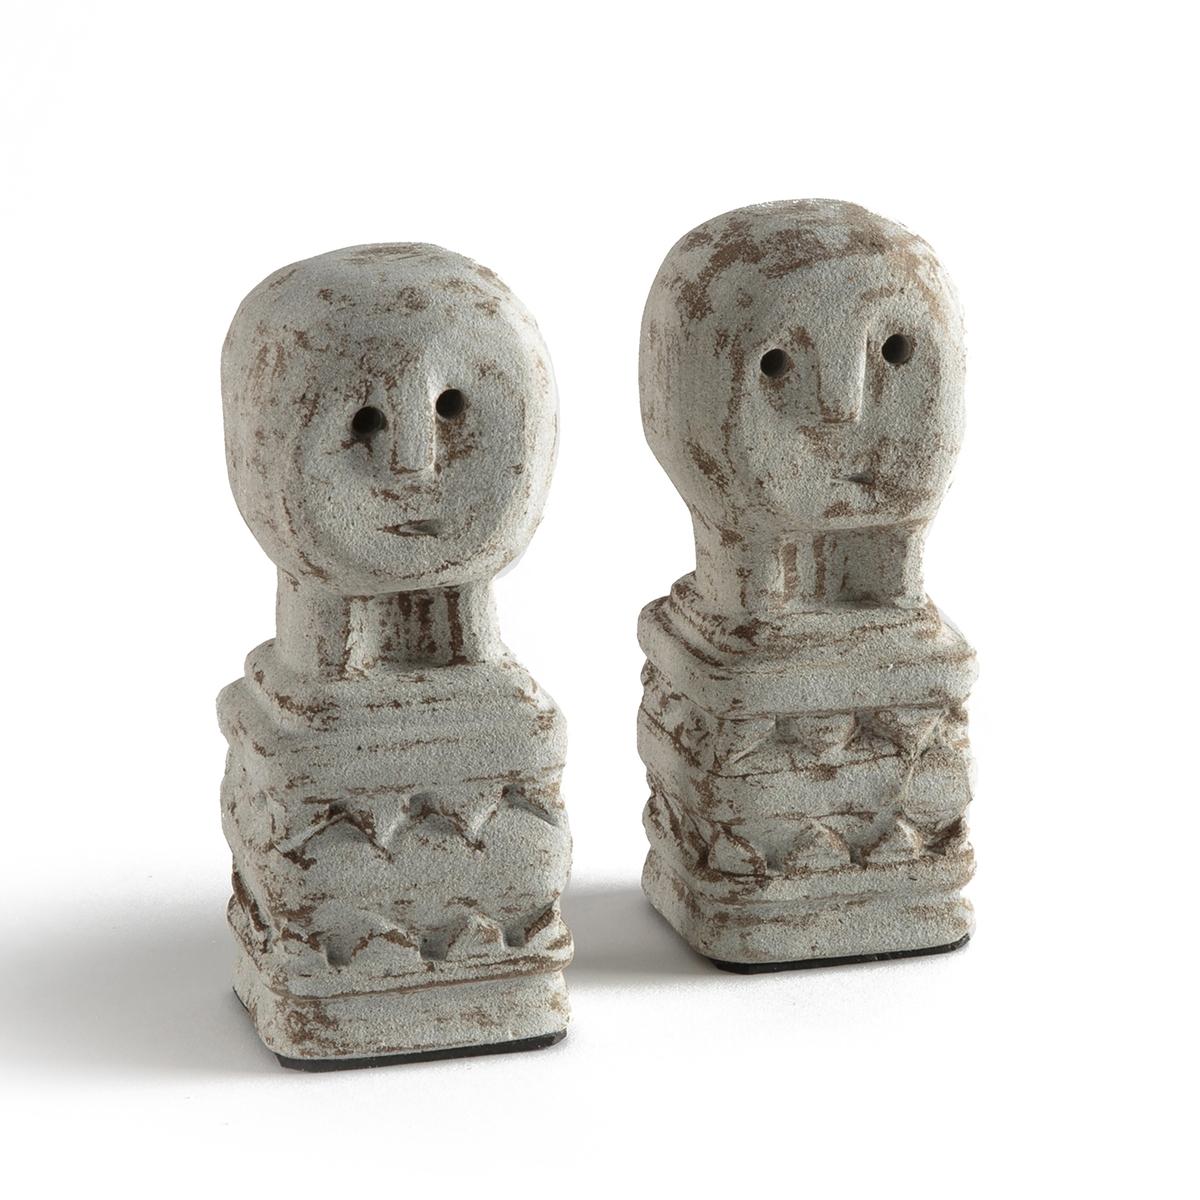 2 статуэтки из камня Выс15 см, Aphélie статуэтки pavone статуэтка дама в вечернем платье